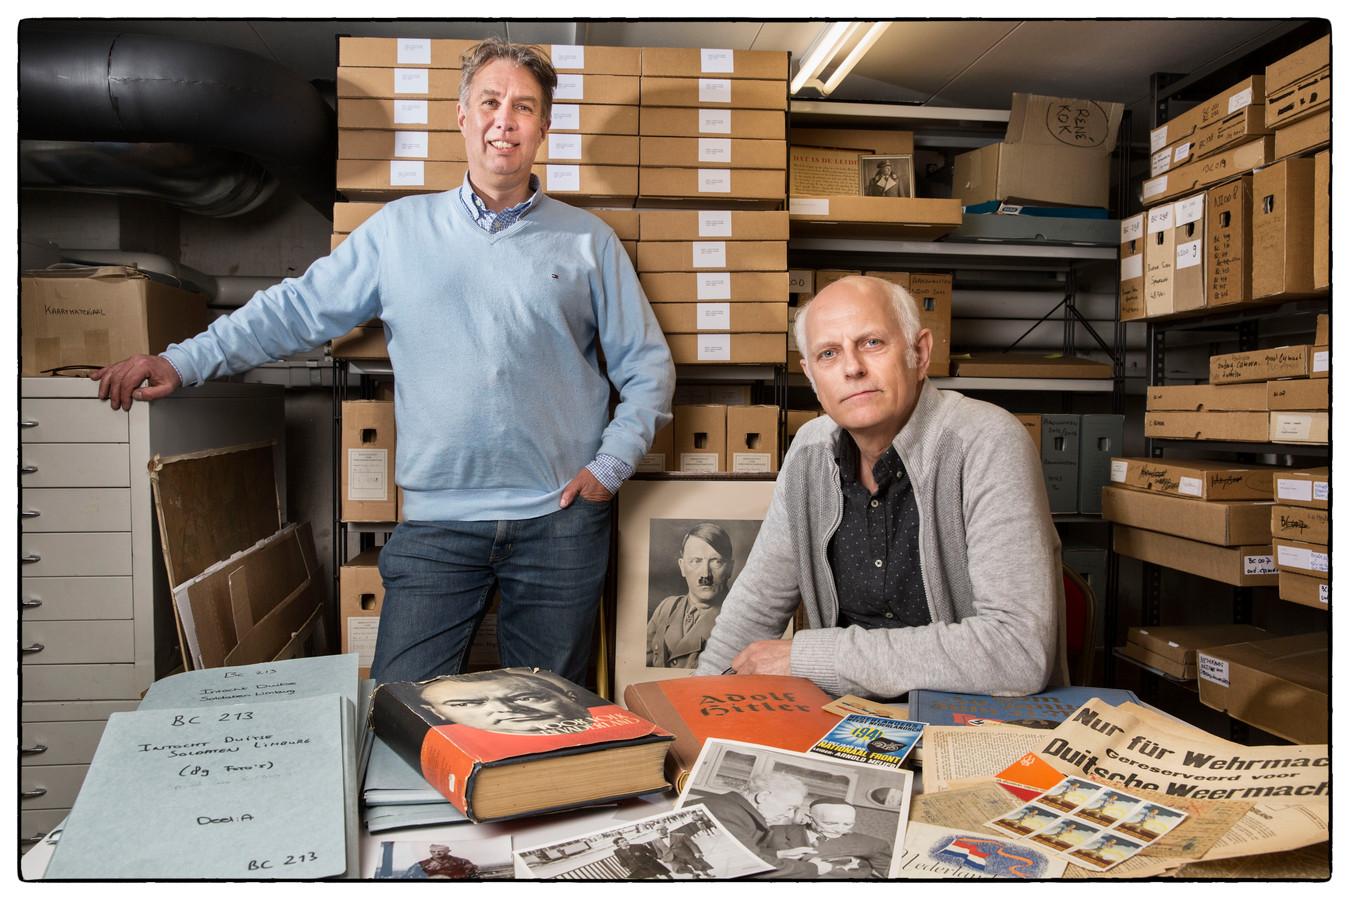 René Kok en Erik Somers werken al decennialang bij het NIOD, Instituut voor oorlogs- holocaust en genocidestudies.